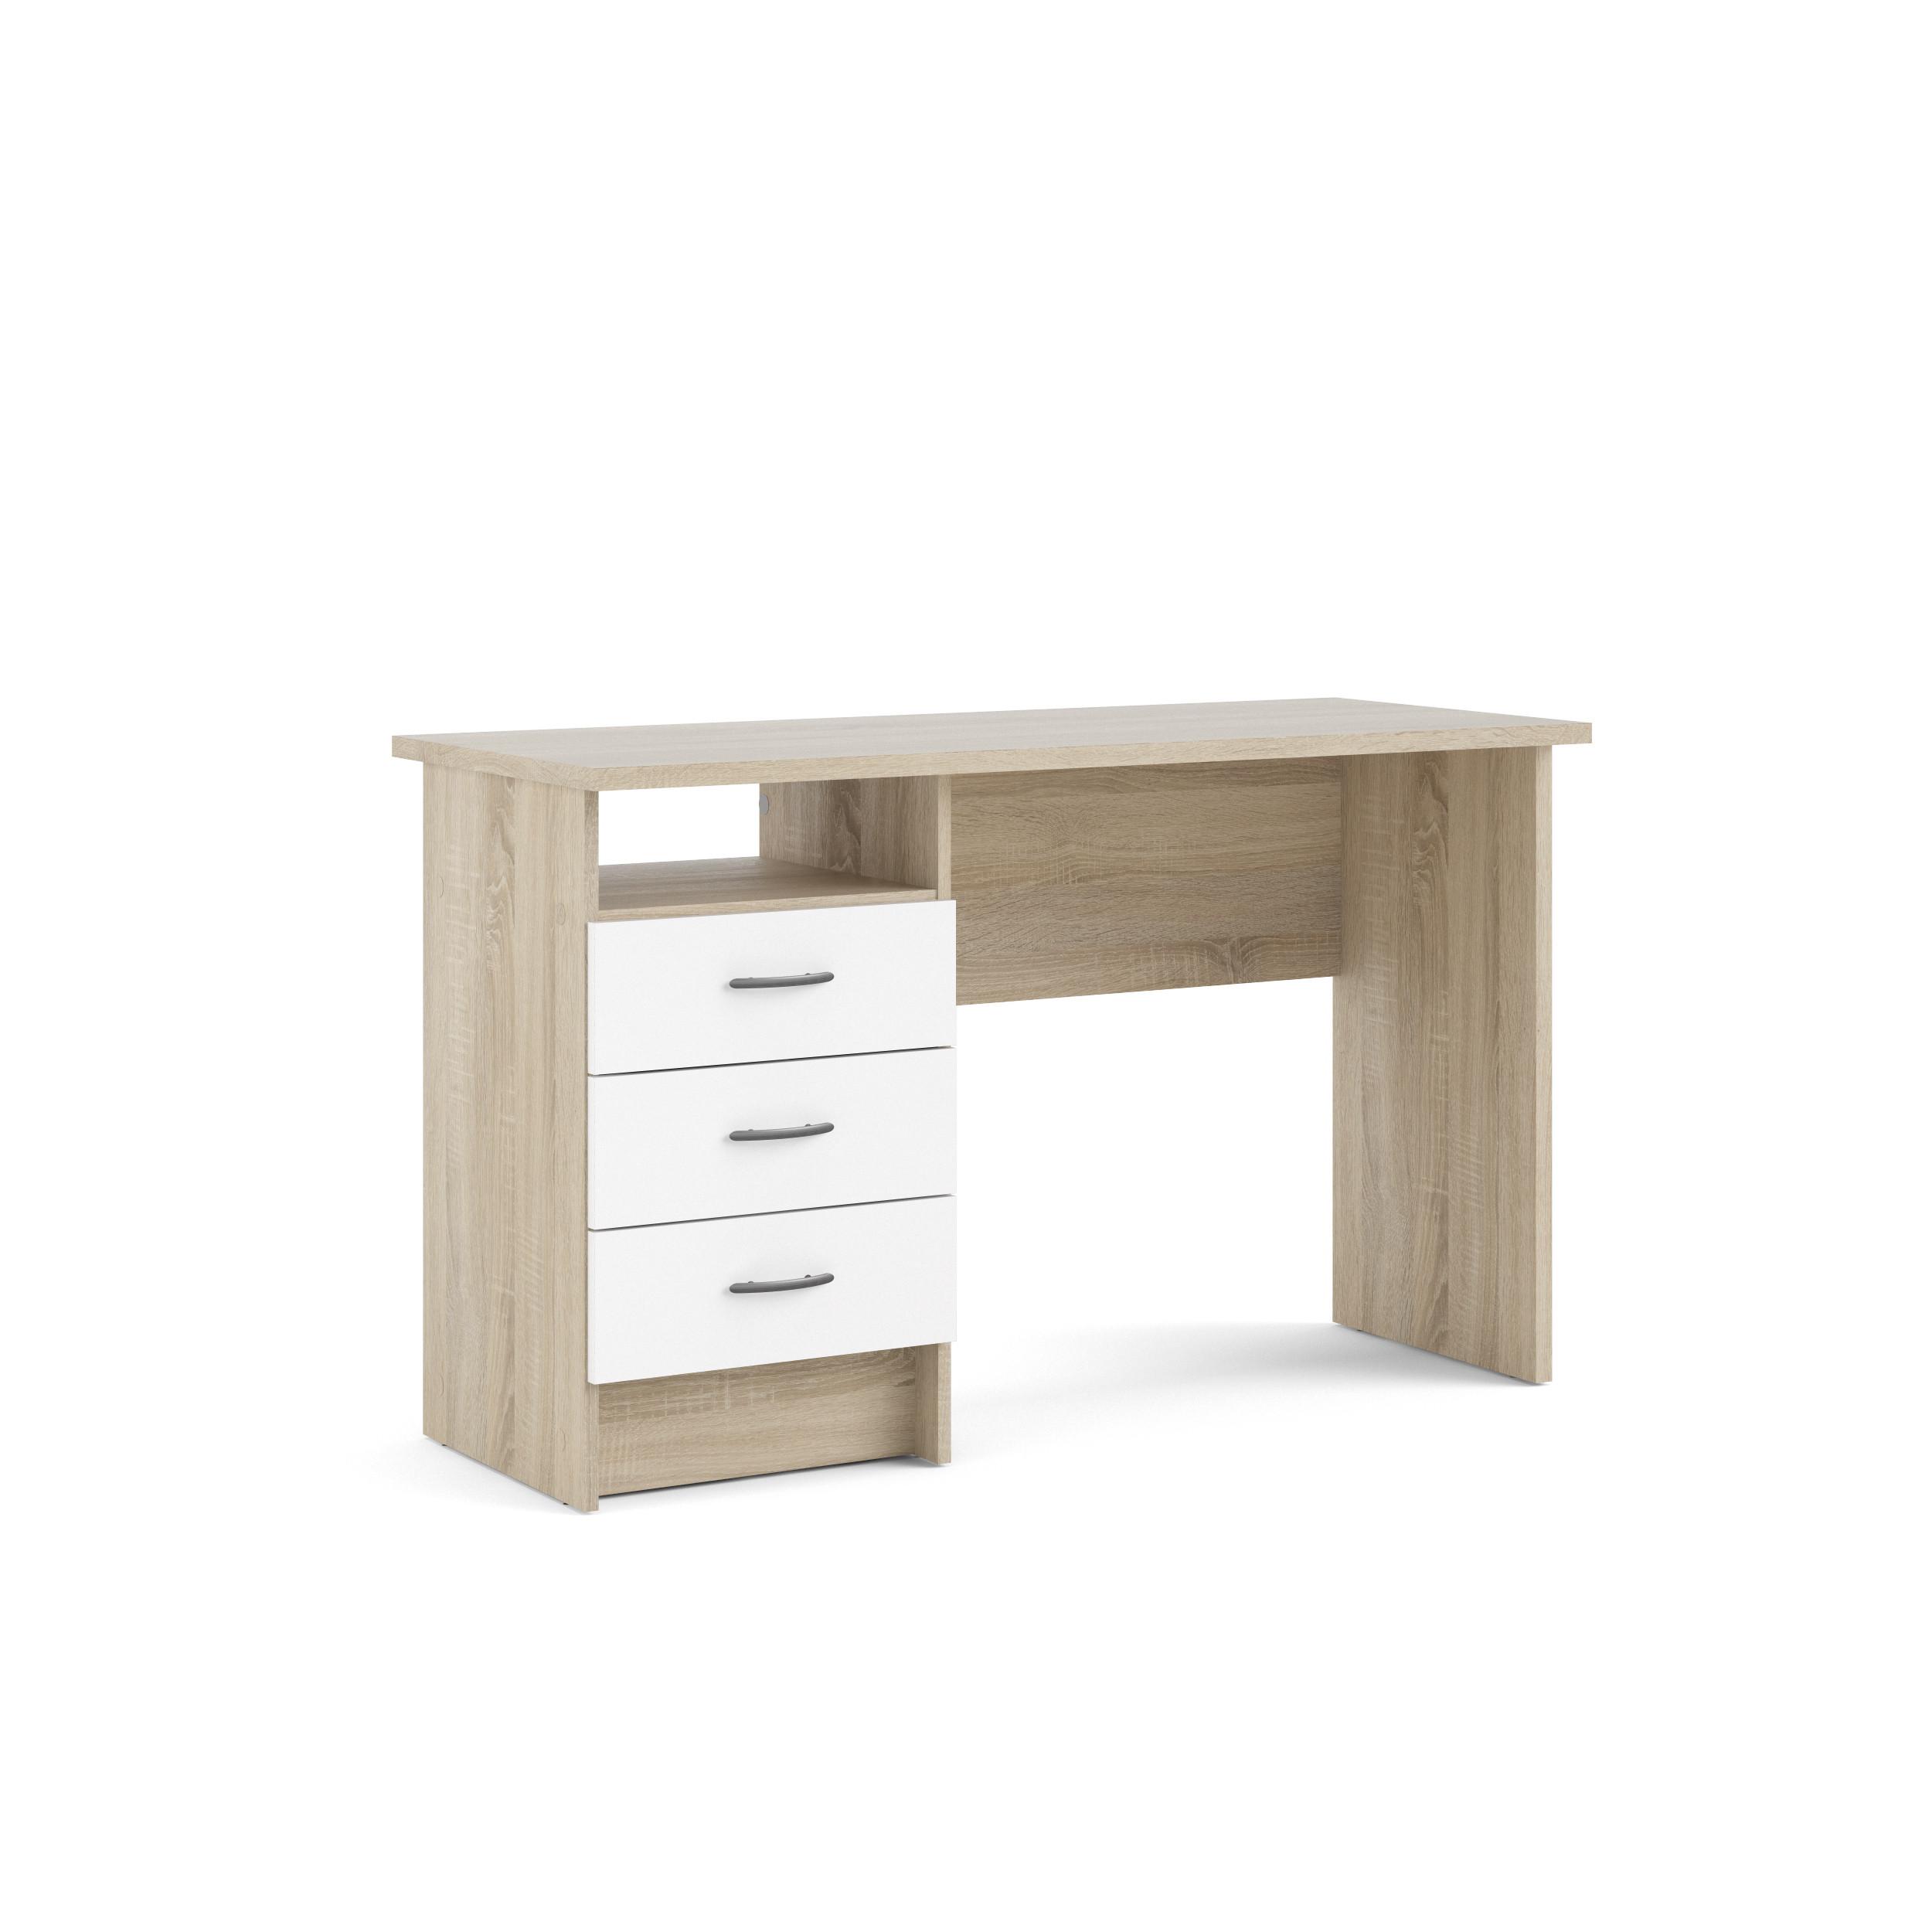 Linearer Schreibtisch mit 3 Schubladen | Helles Holz